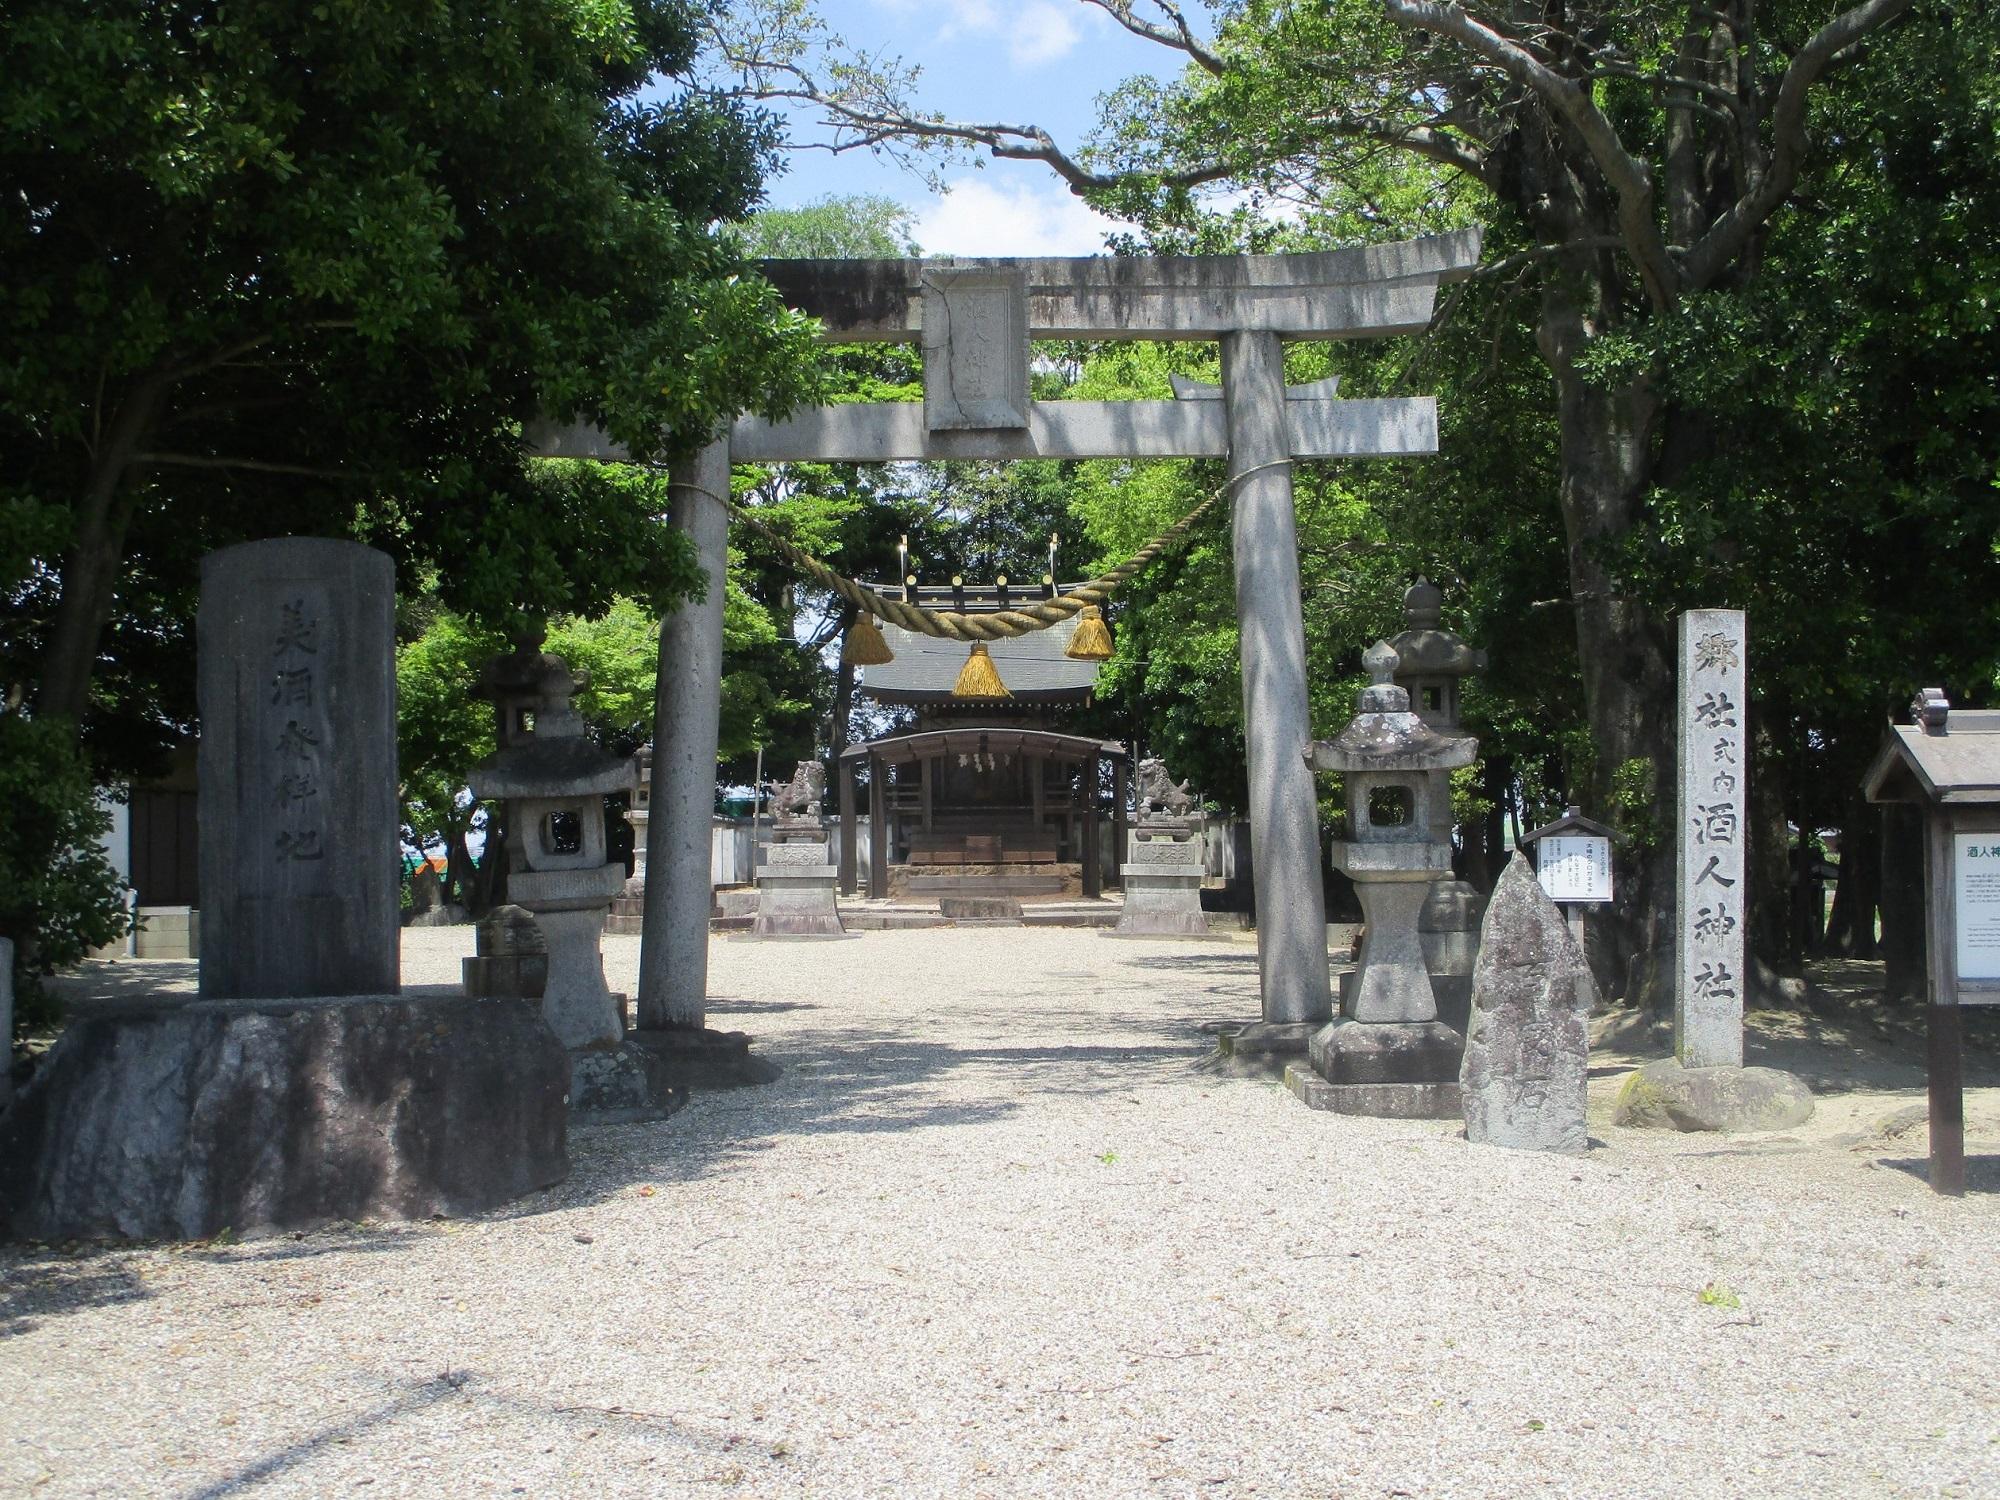 2020.5.13 (6) 酒人神社 - とりい 2000-1500